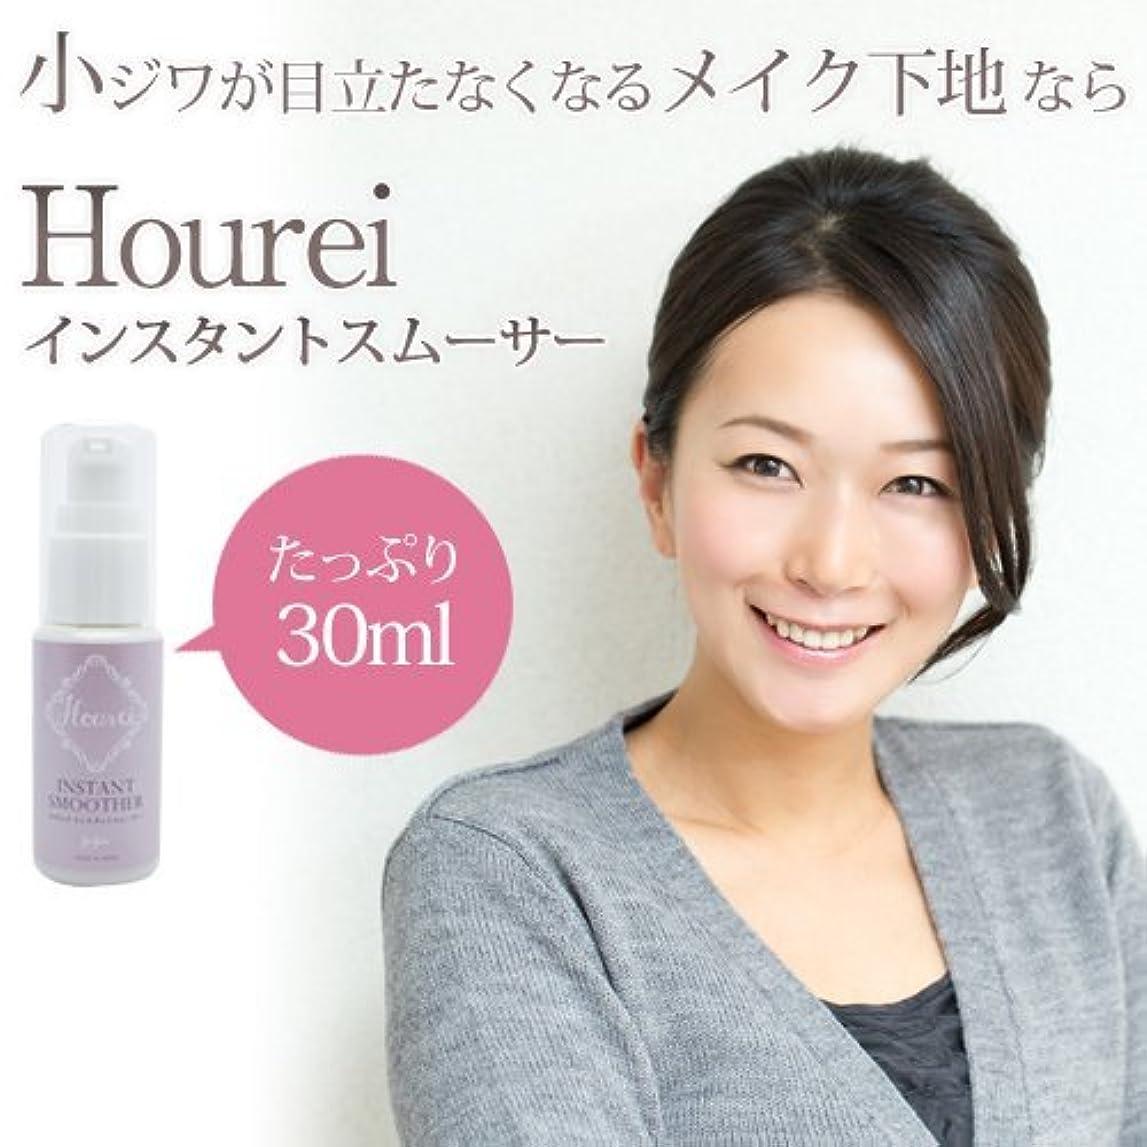 作物納税者適格Hourei(ホウレイ) インスタントスムーサー30ml